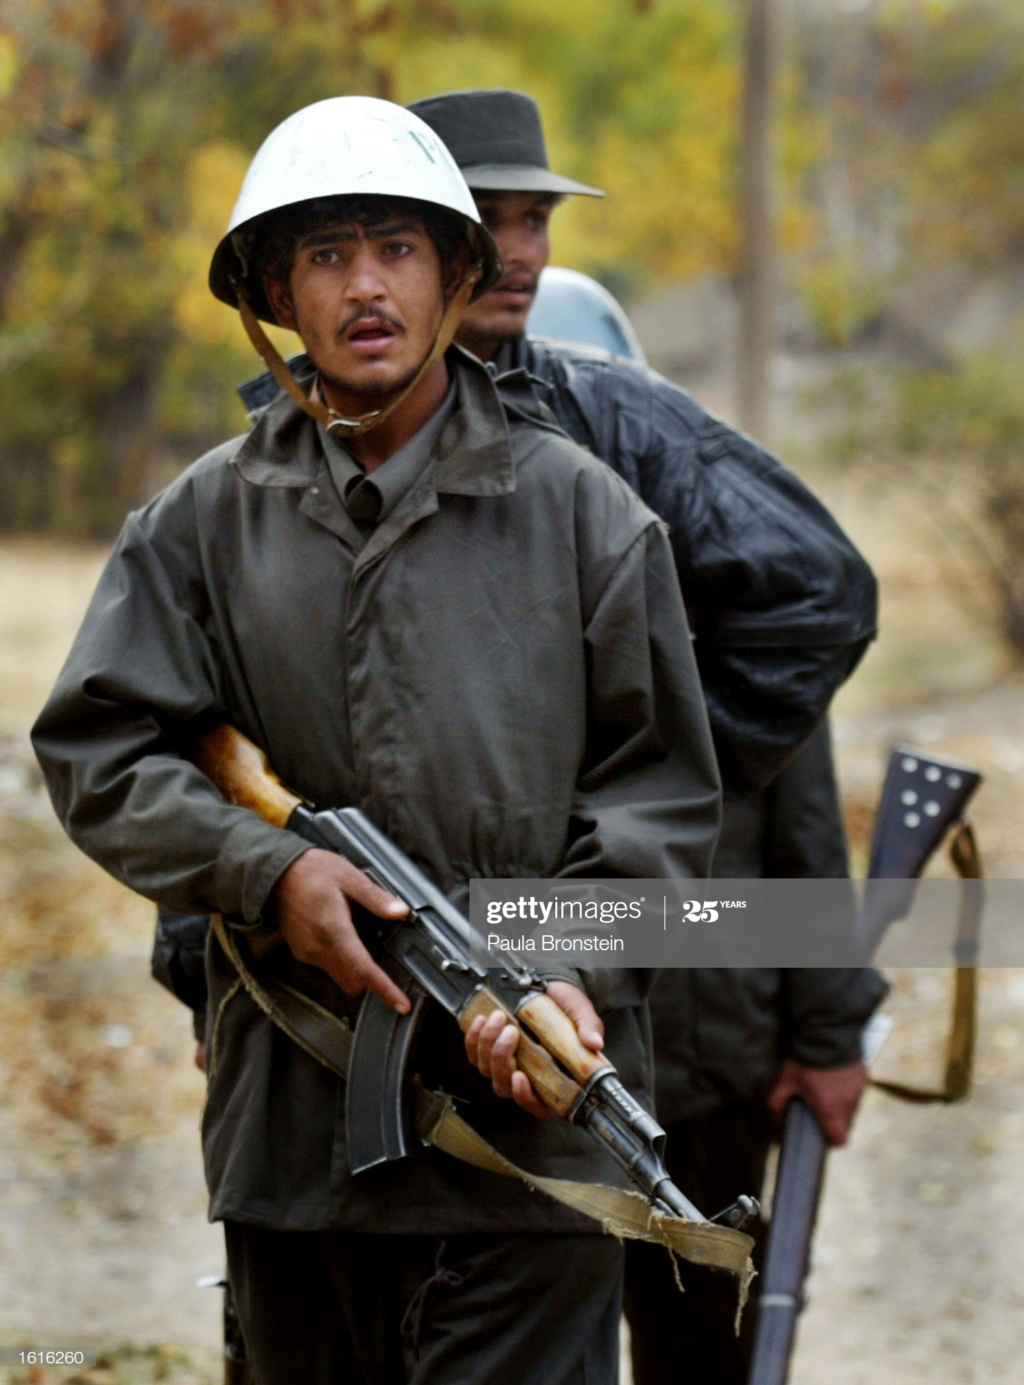 Soviet Helmet used by Afghan police Gettyi25